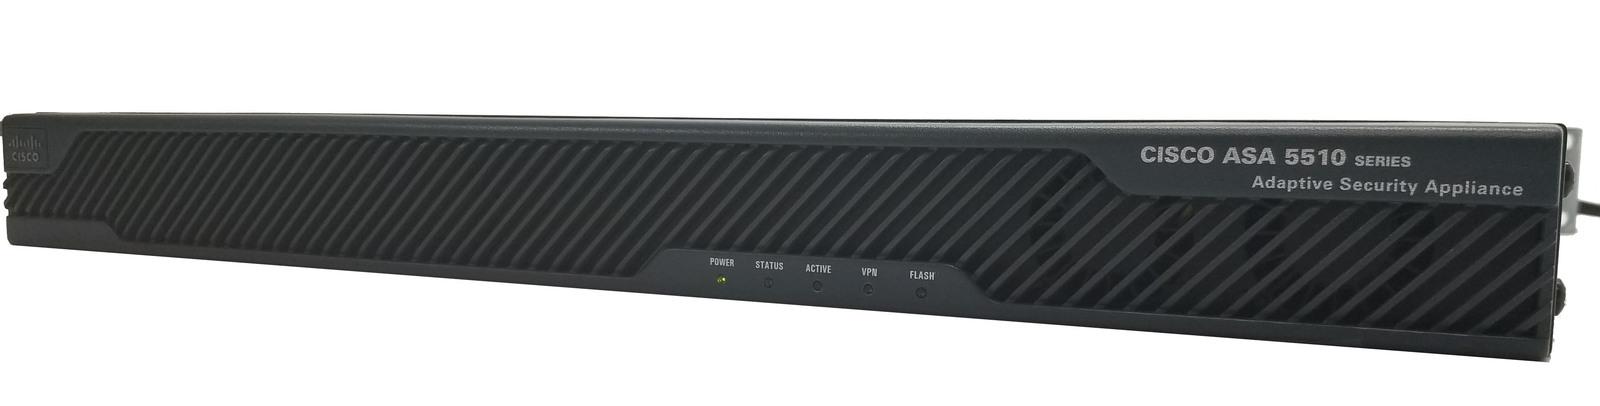 Cisco asa 5510 security 001